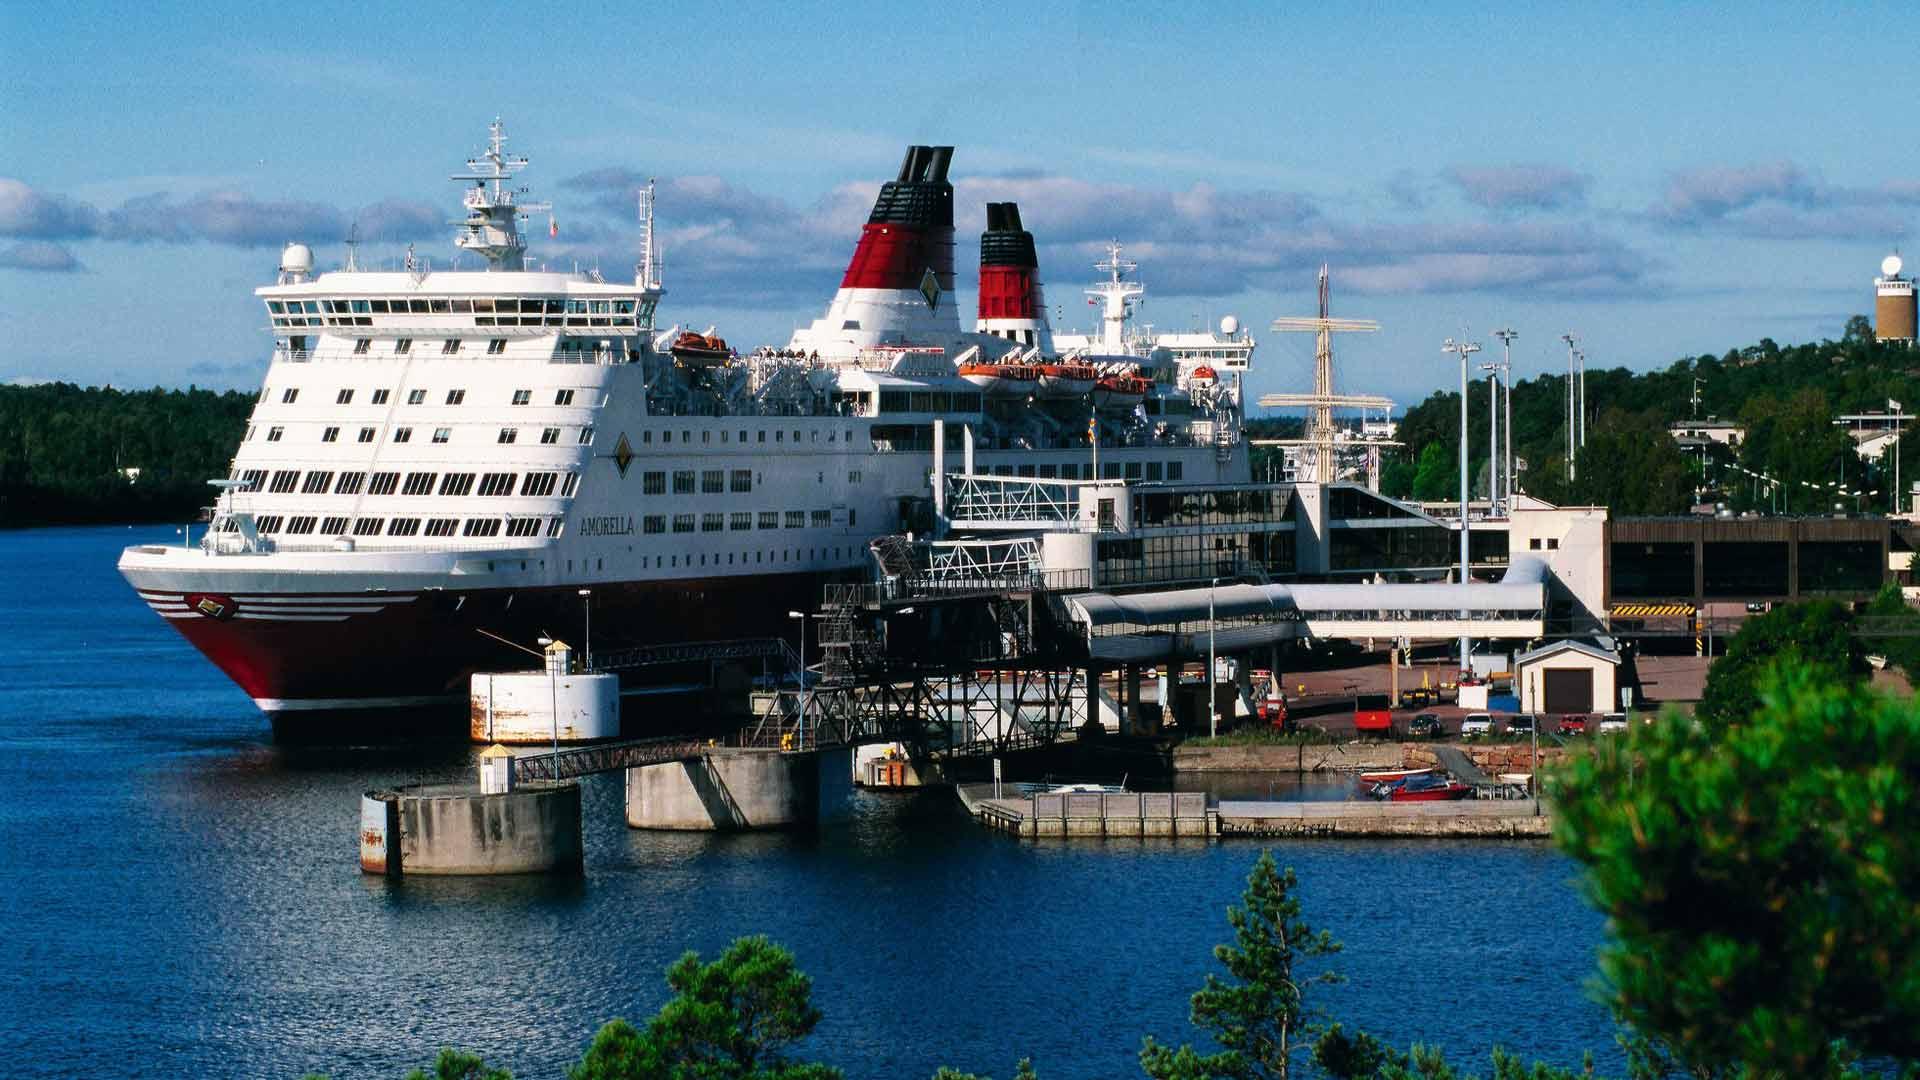 Viking Linen uusi risteily Maarianhaminaan otettiin ilolla vastaan Ahvenanmaalla. Matkustajia odottaa maissa monenlaiset herkut ja palvelut.